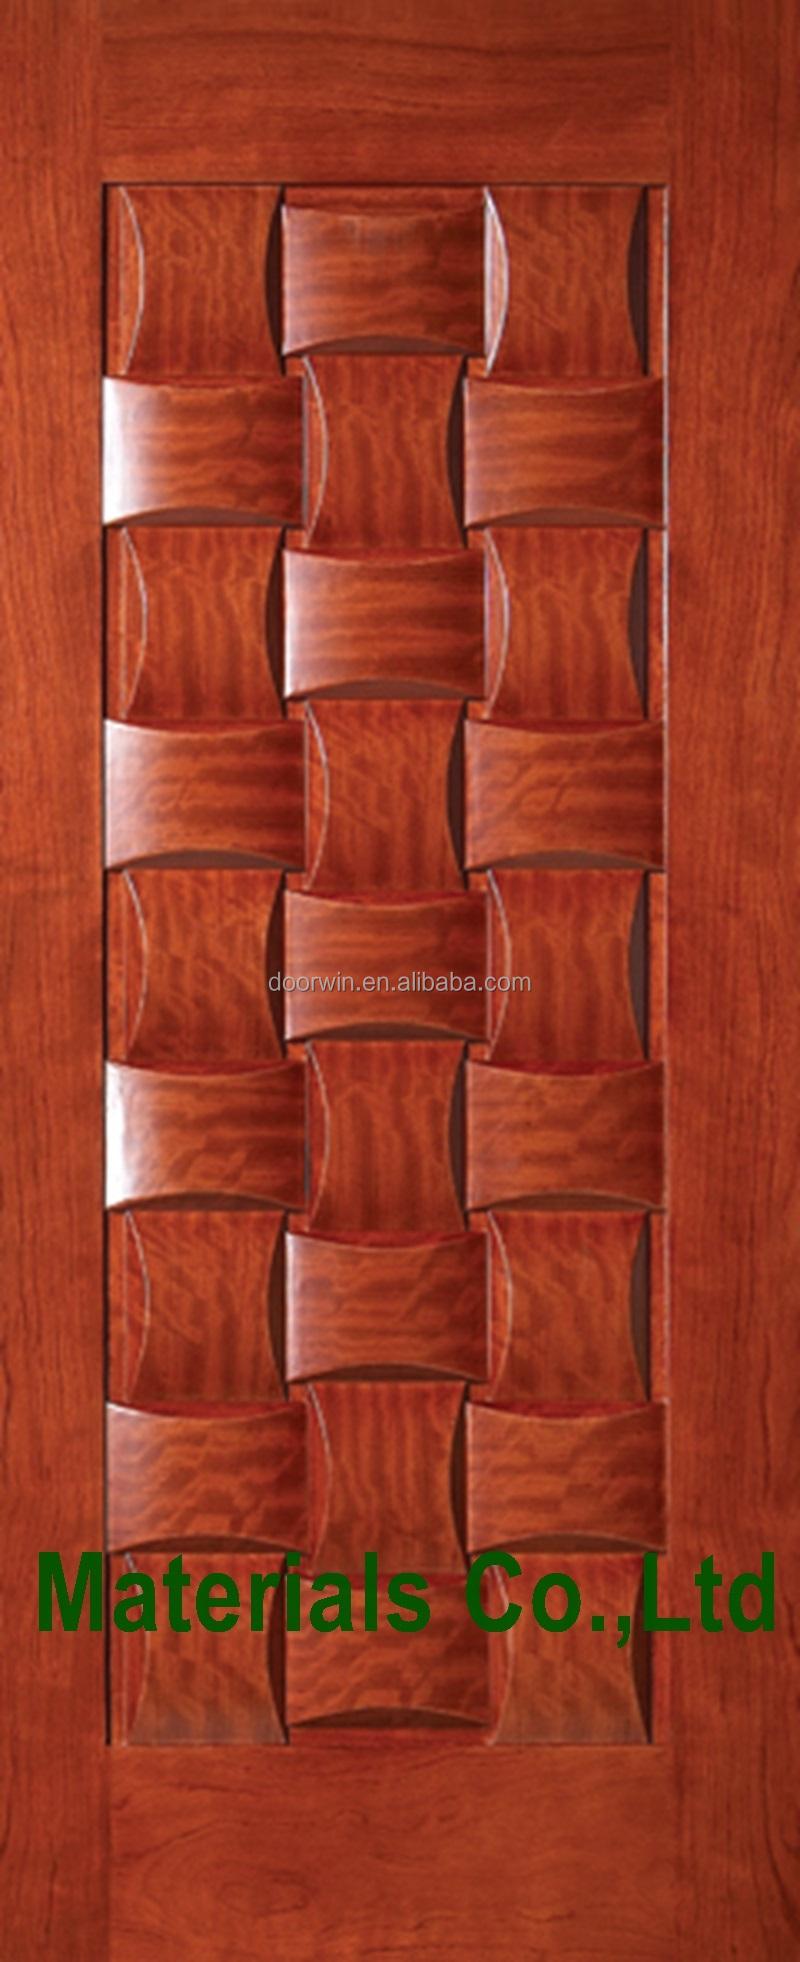 Exterior teak wood main door wood door frame designs for Teak wood doors models